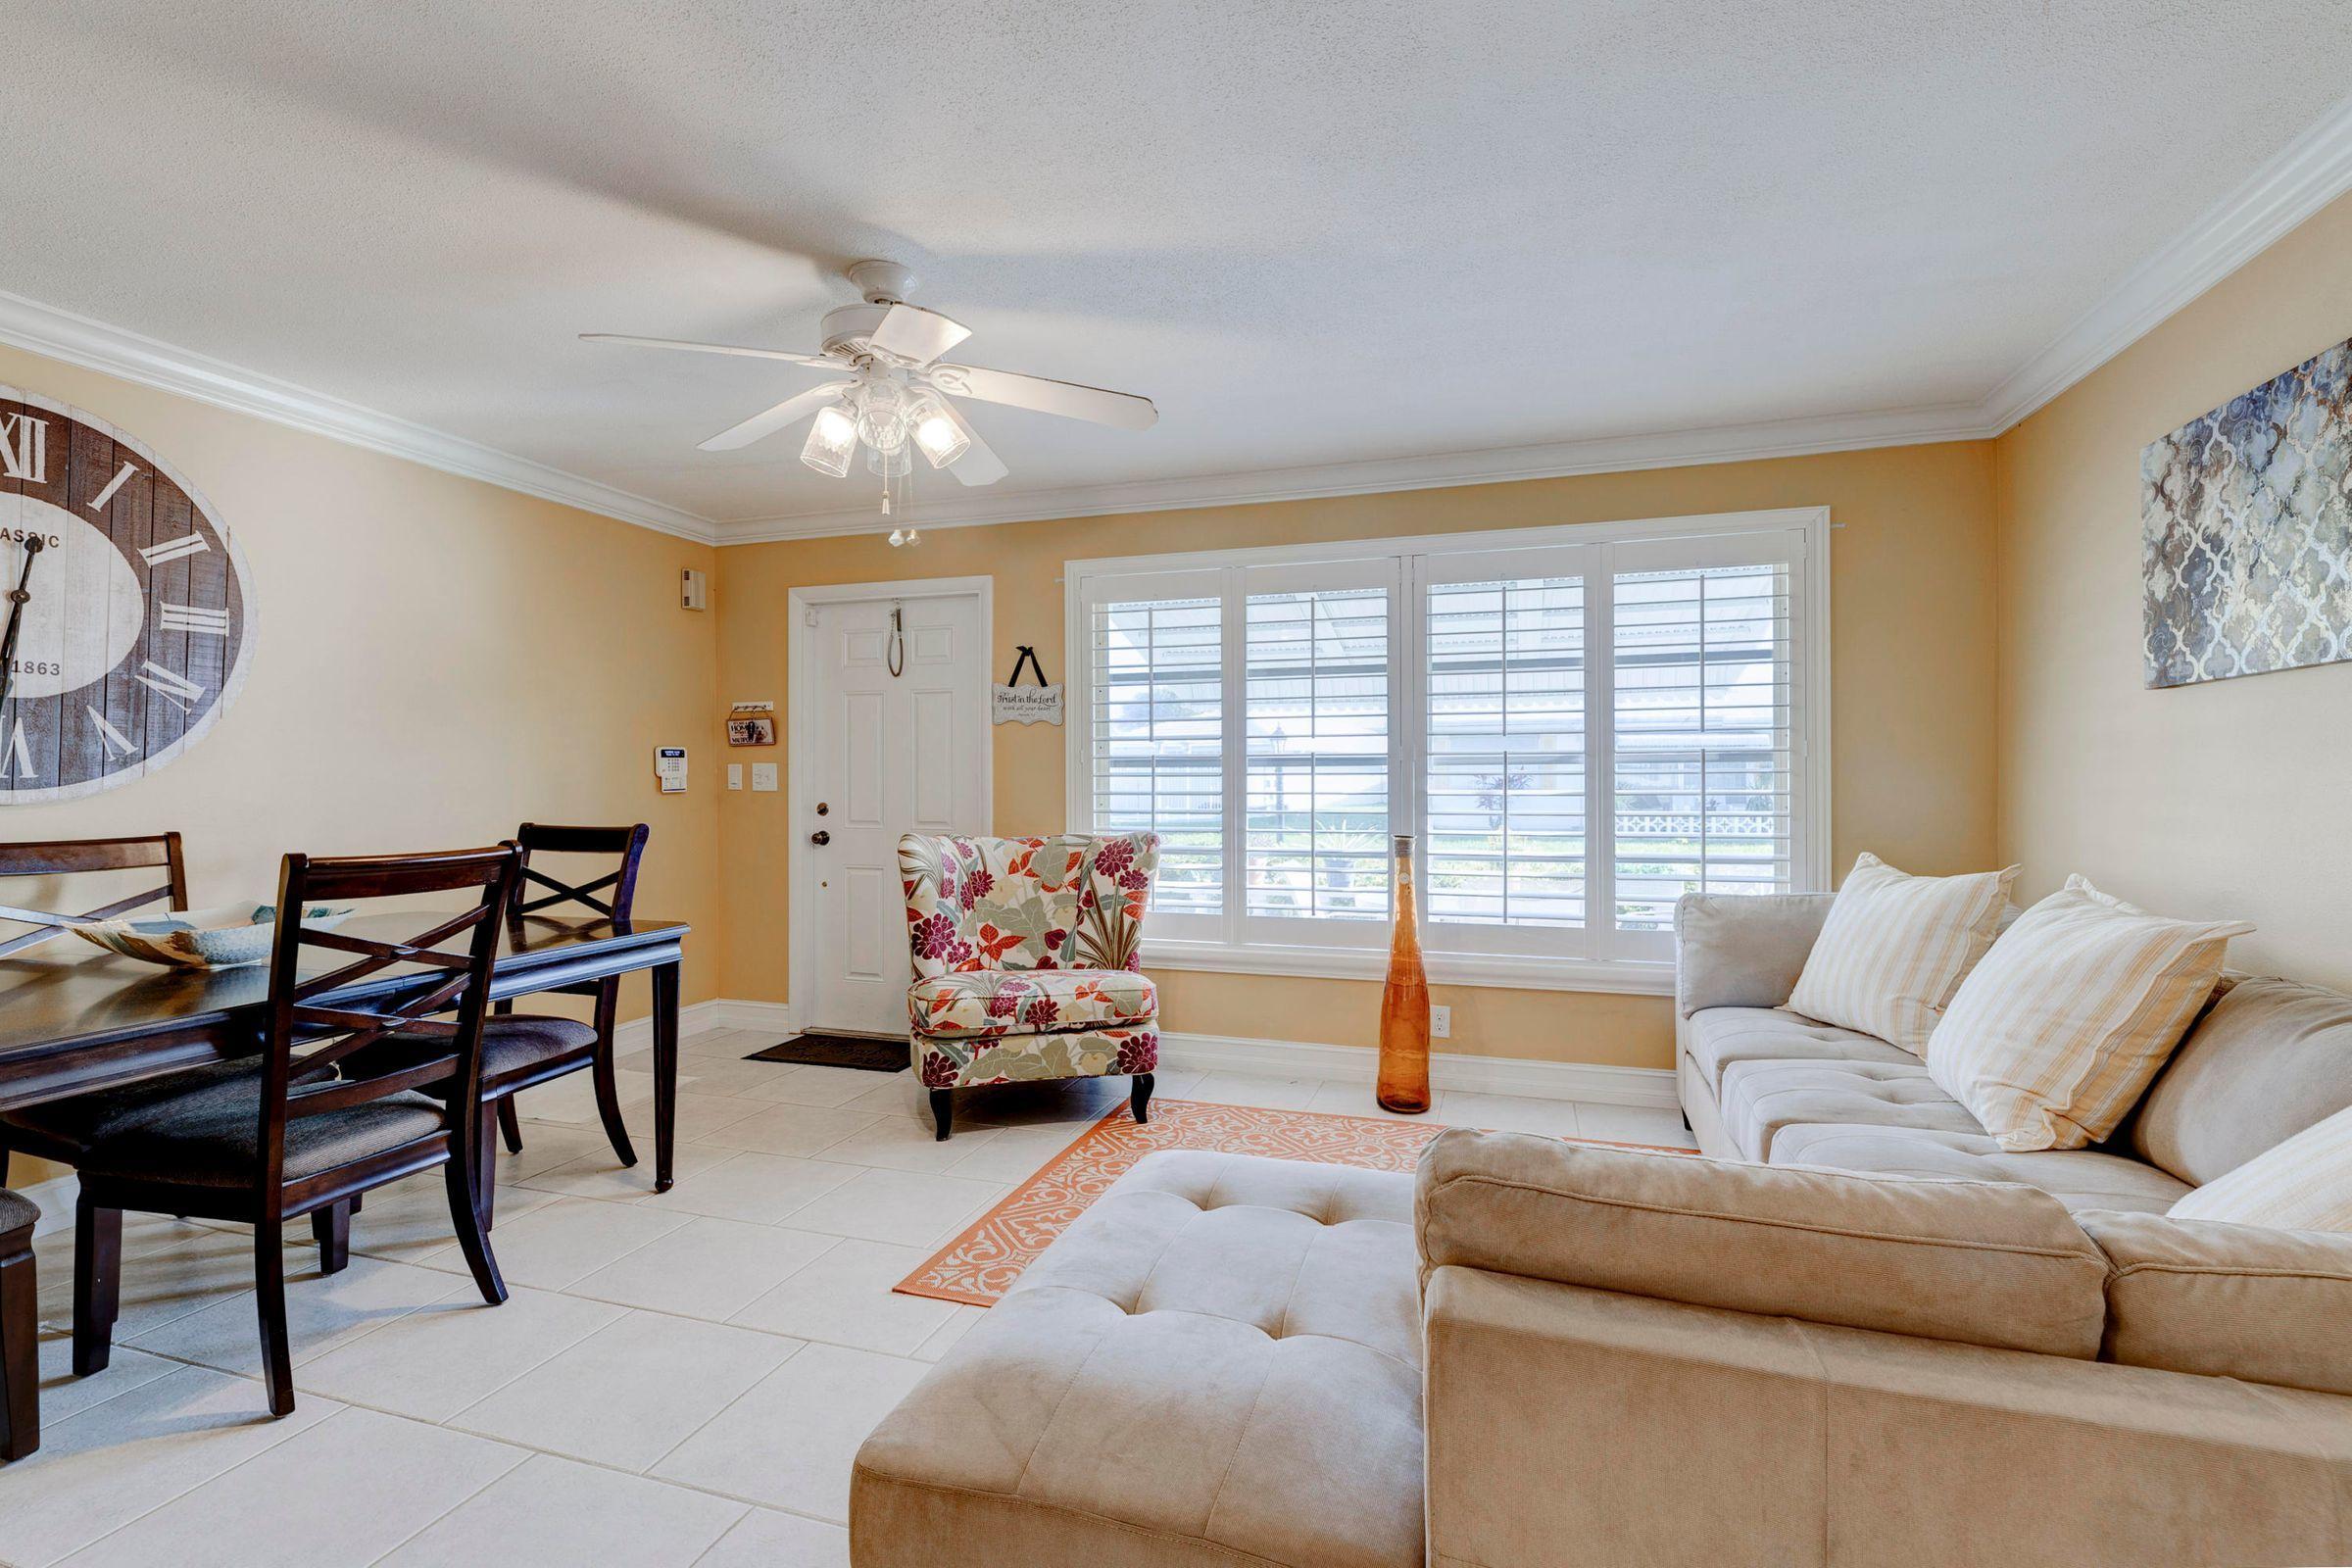 211 NW 29 Court  Pompano Beach FL 33064